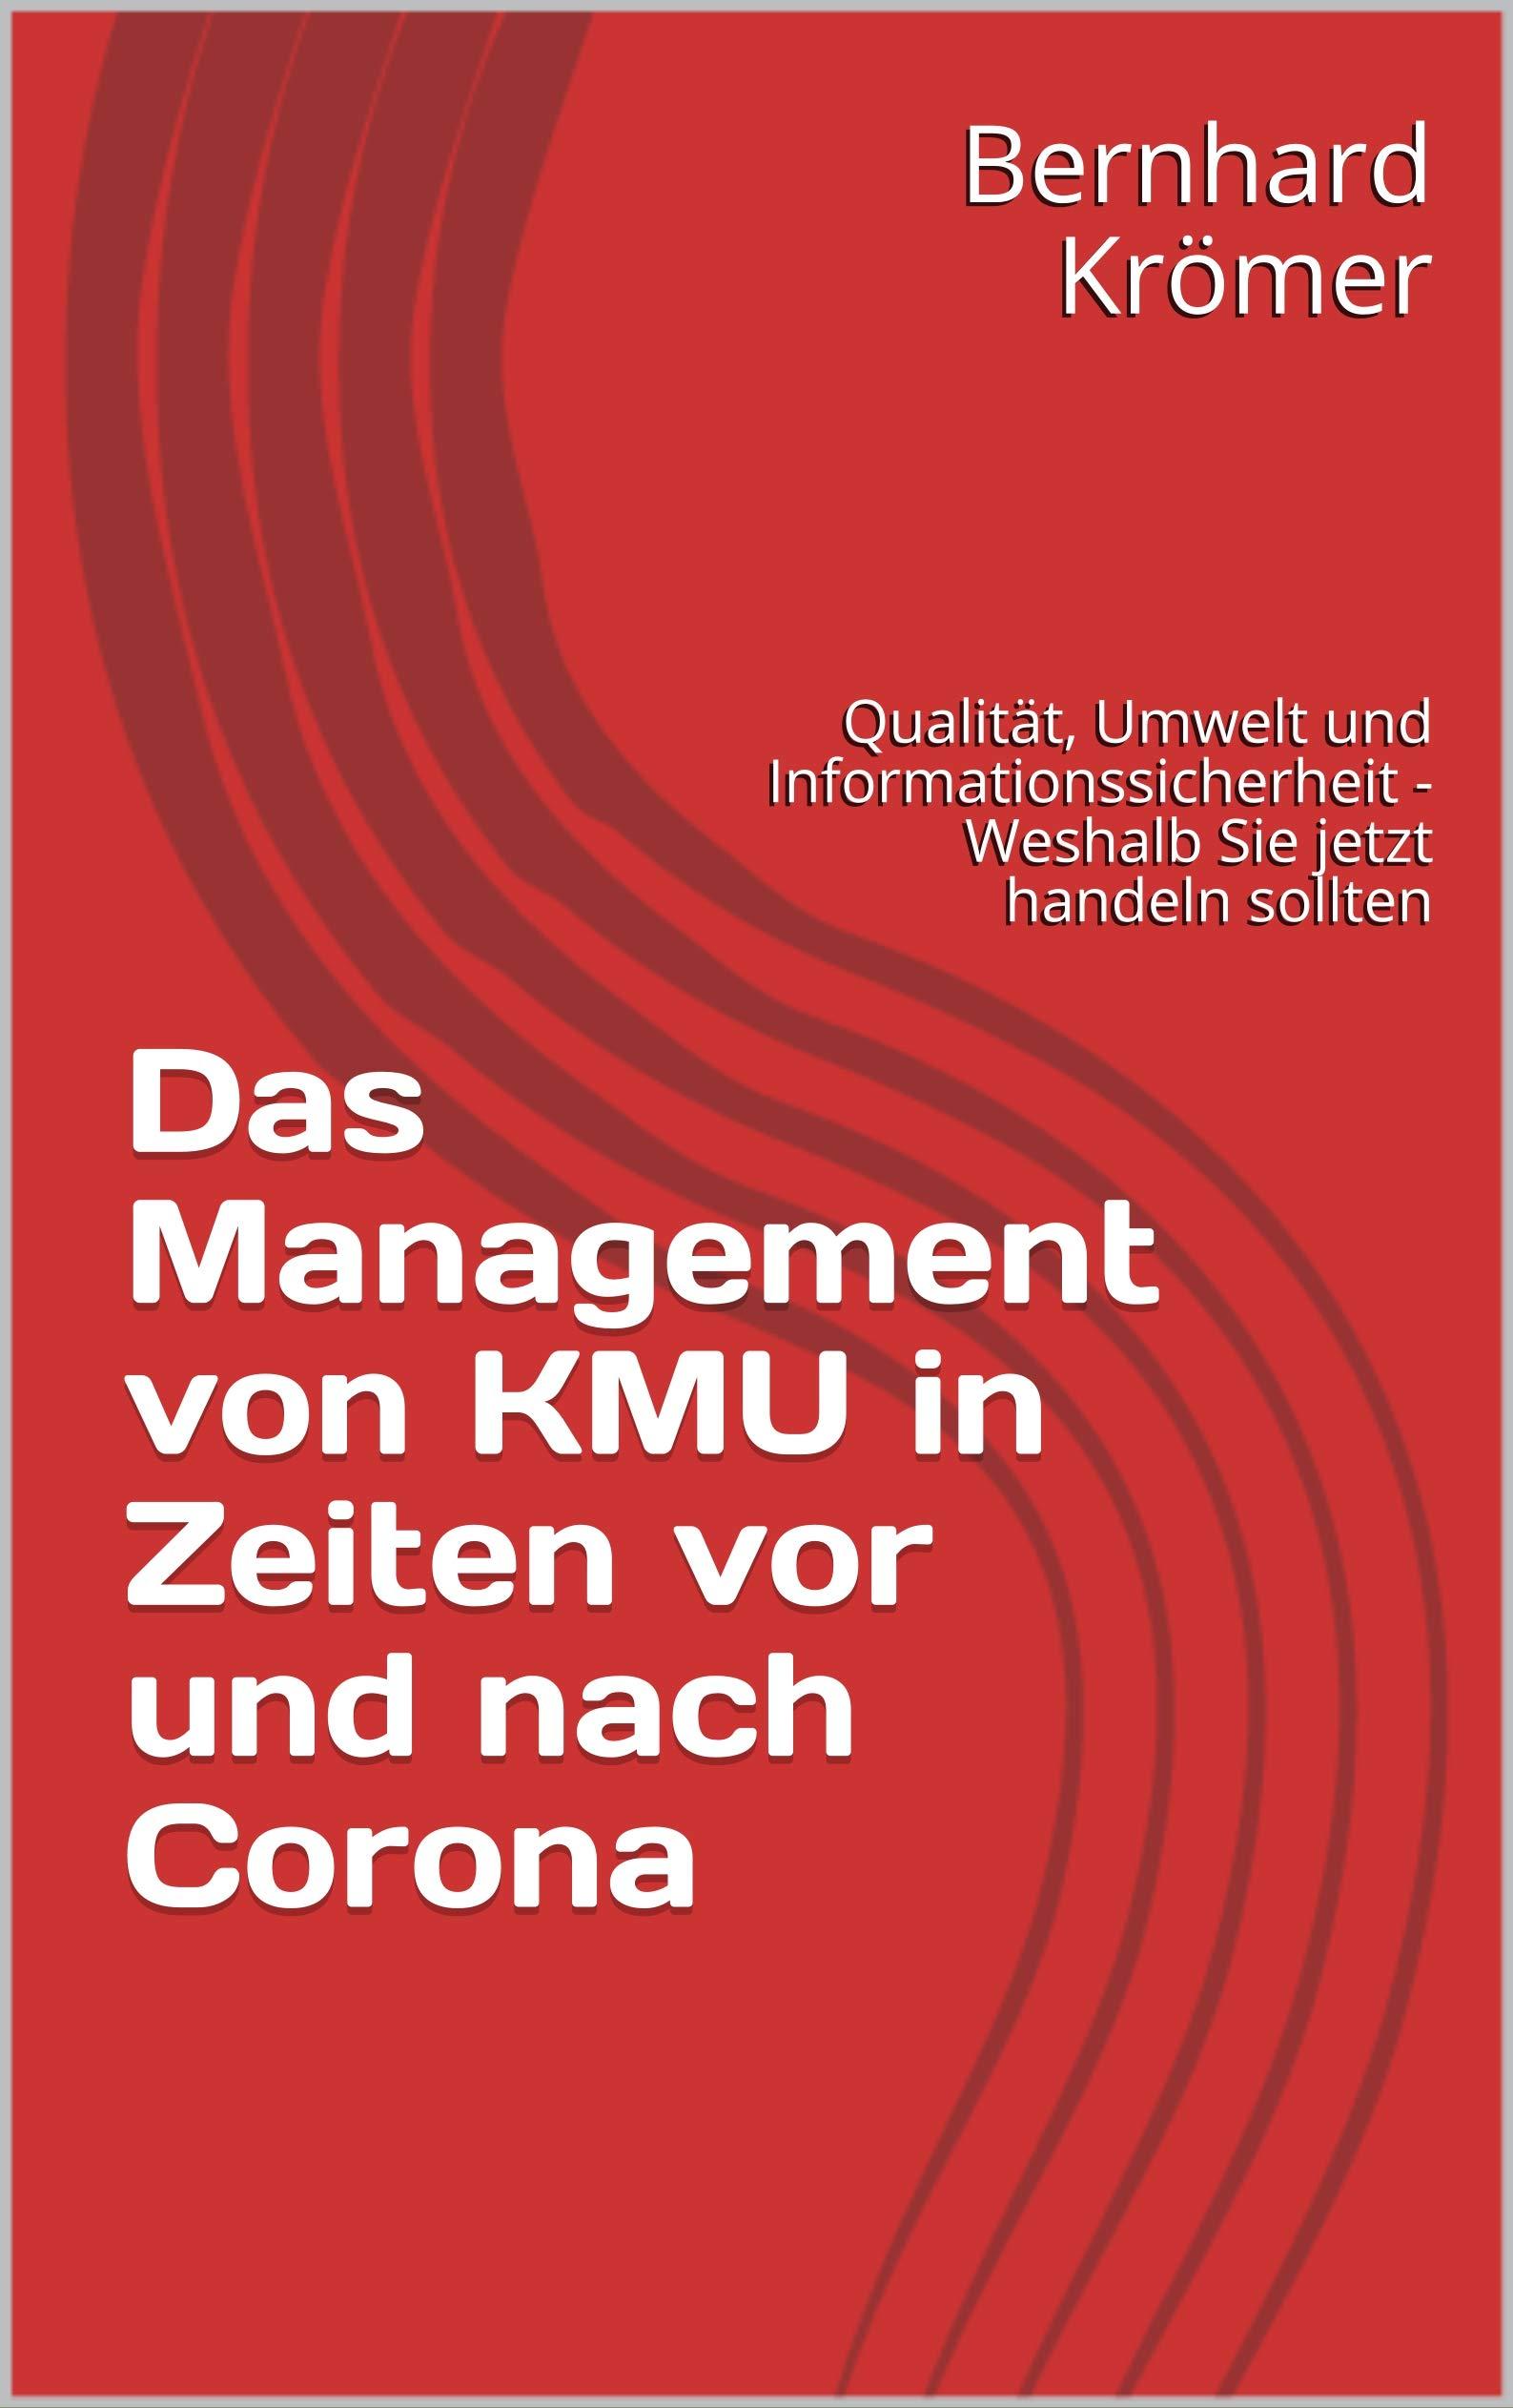 Das Management von KMU in Zeiten vor und nach Corona: Qualität, Umwelt und Informationssicherheit - Weshalb Sie jetzt handeln sollten (German Edition)